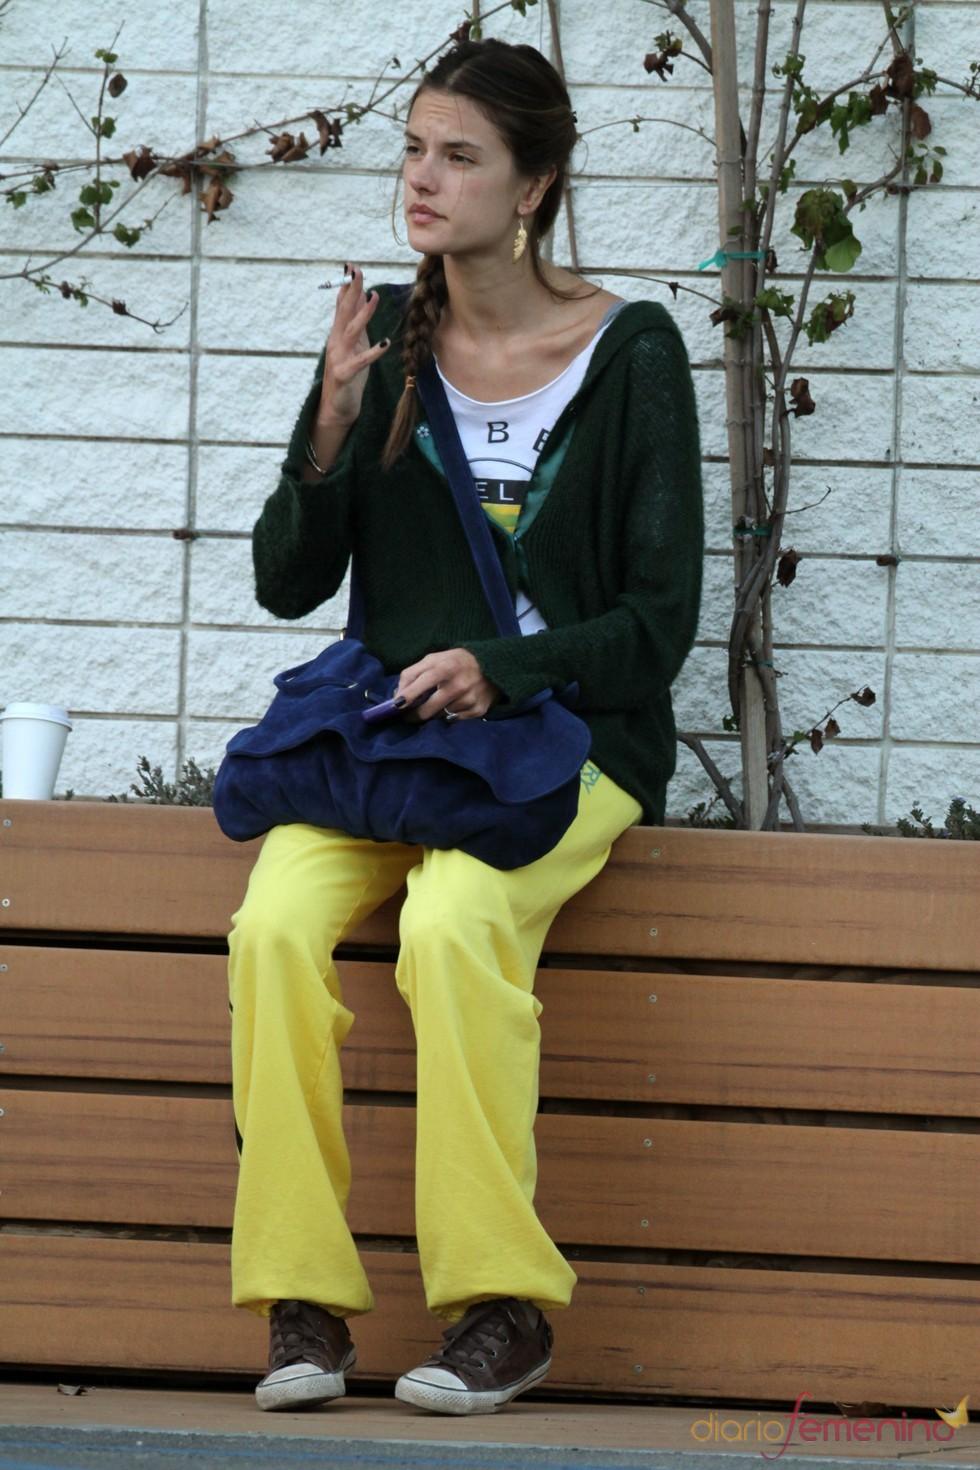 Alessandra Ambrosio, fumando en una calle de Los Ángeles